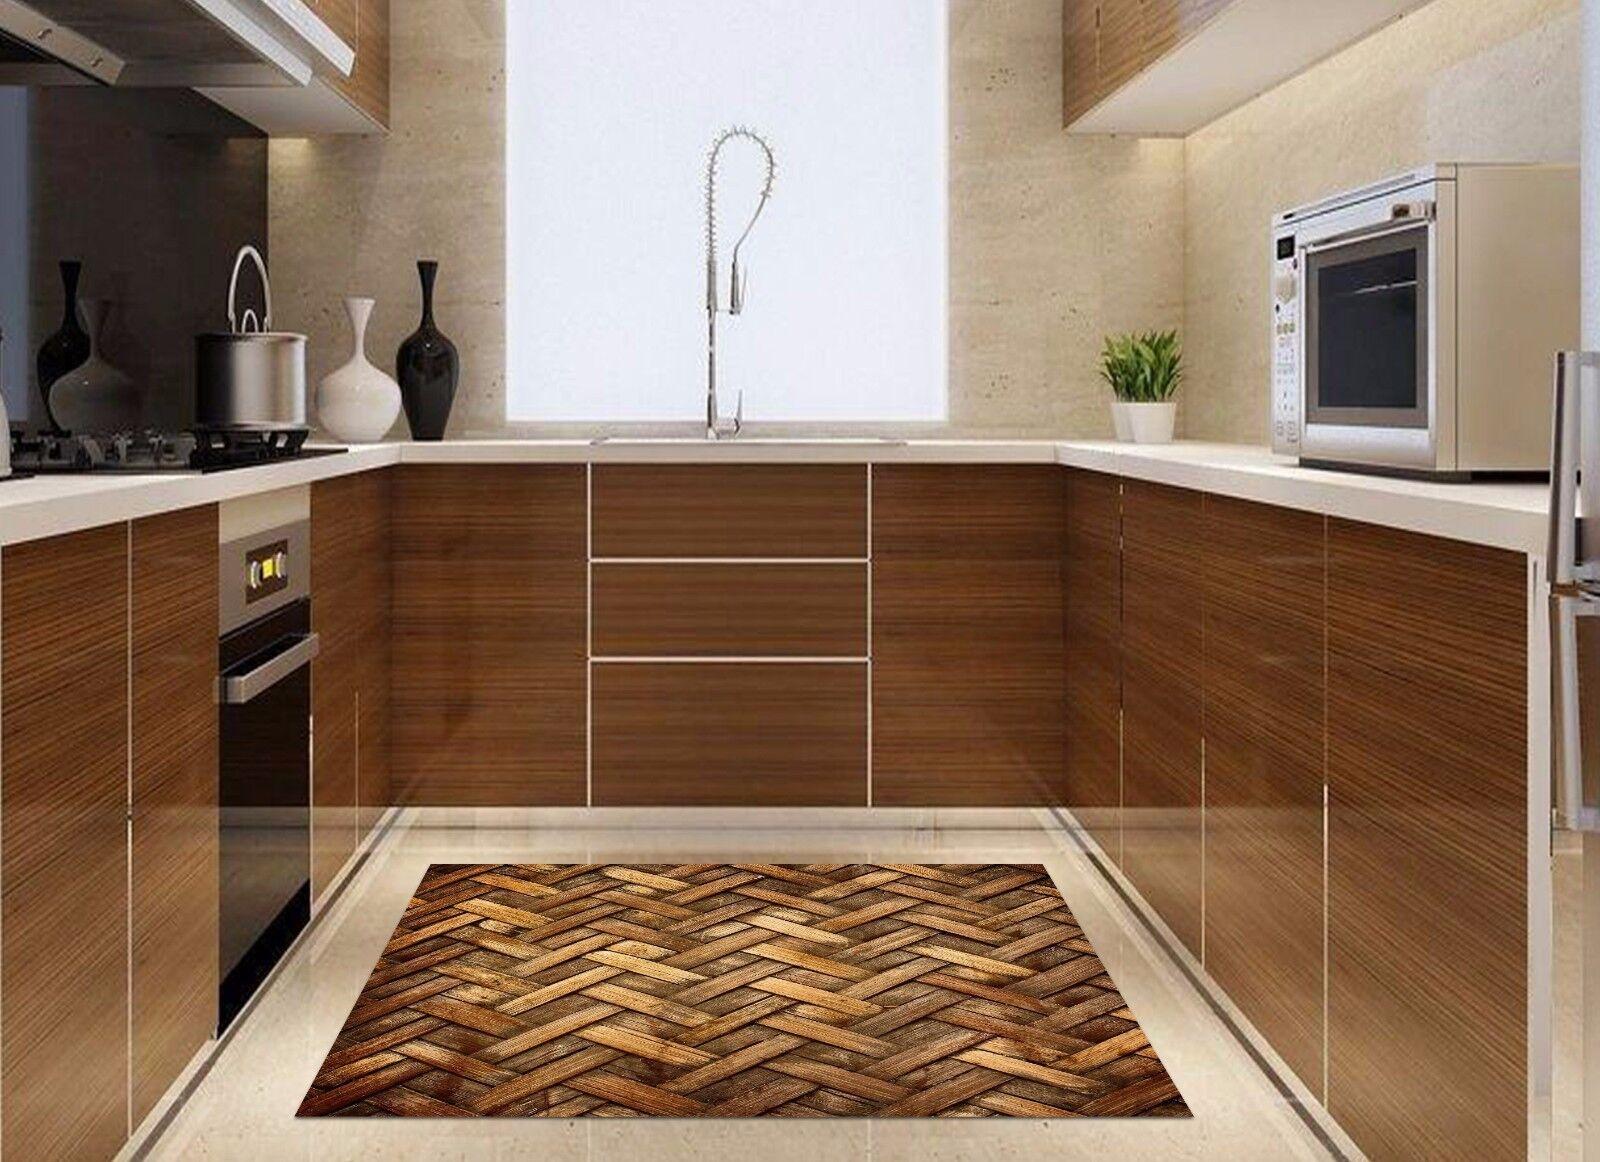 3D Weave 662 Kitchen Mat Floor Murals Wall Print Wall AJ WALLPAPER UK Kyra